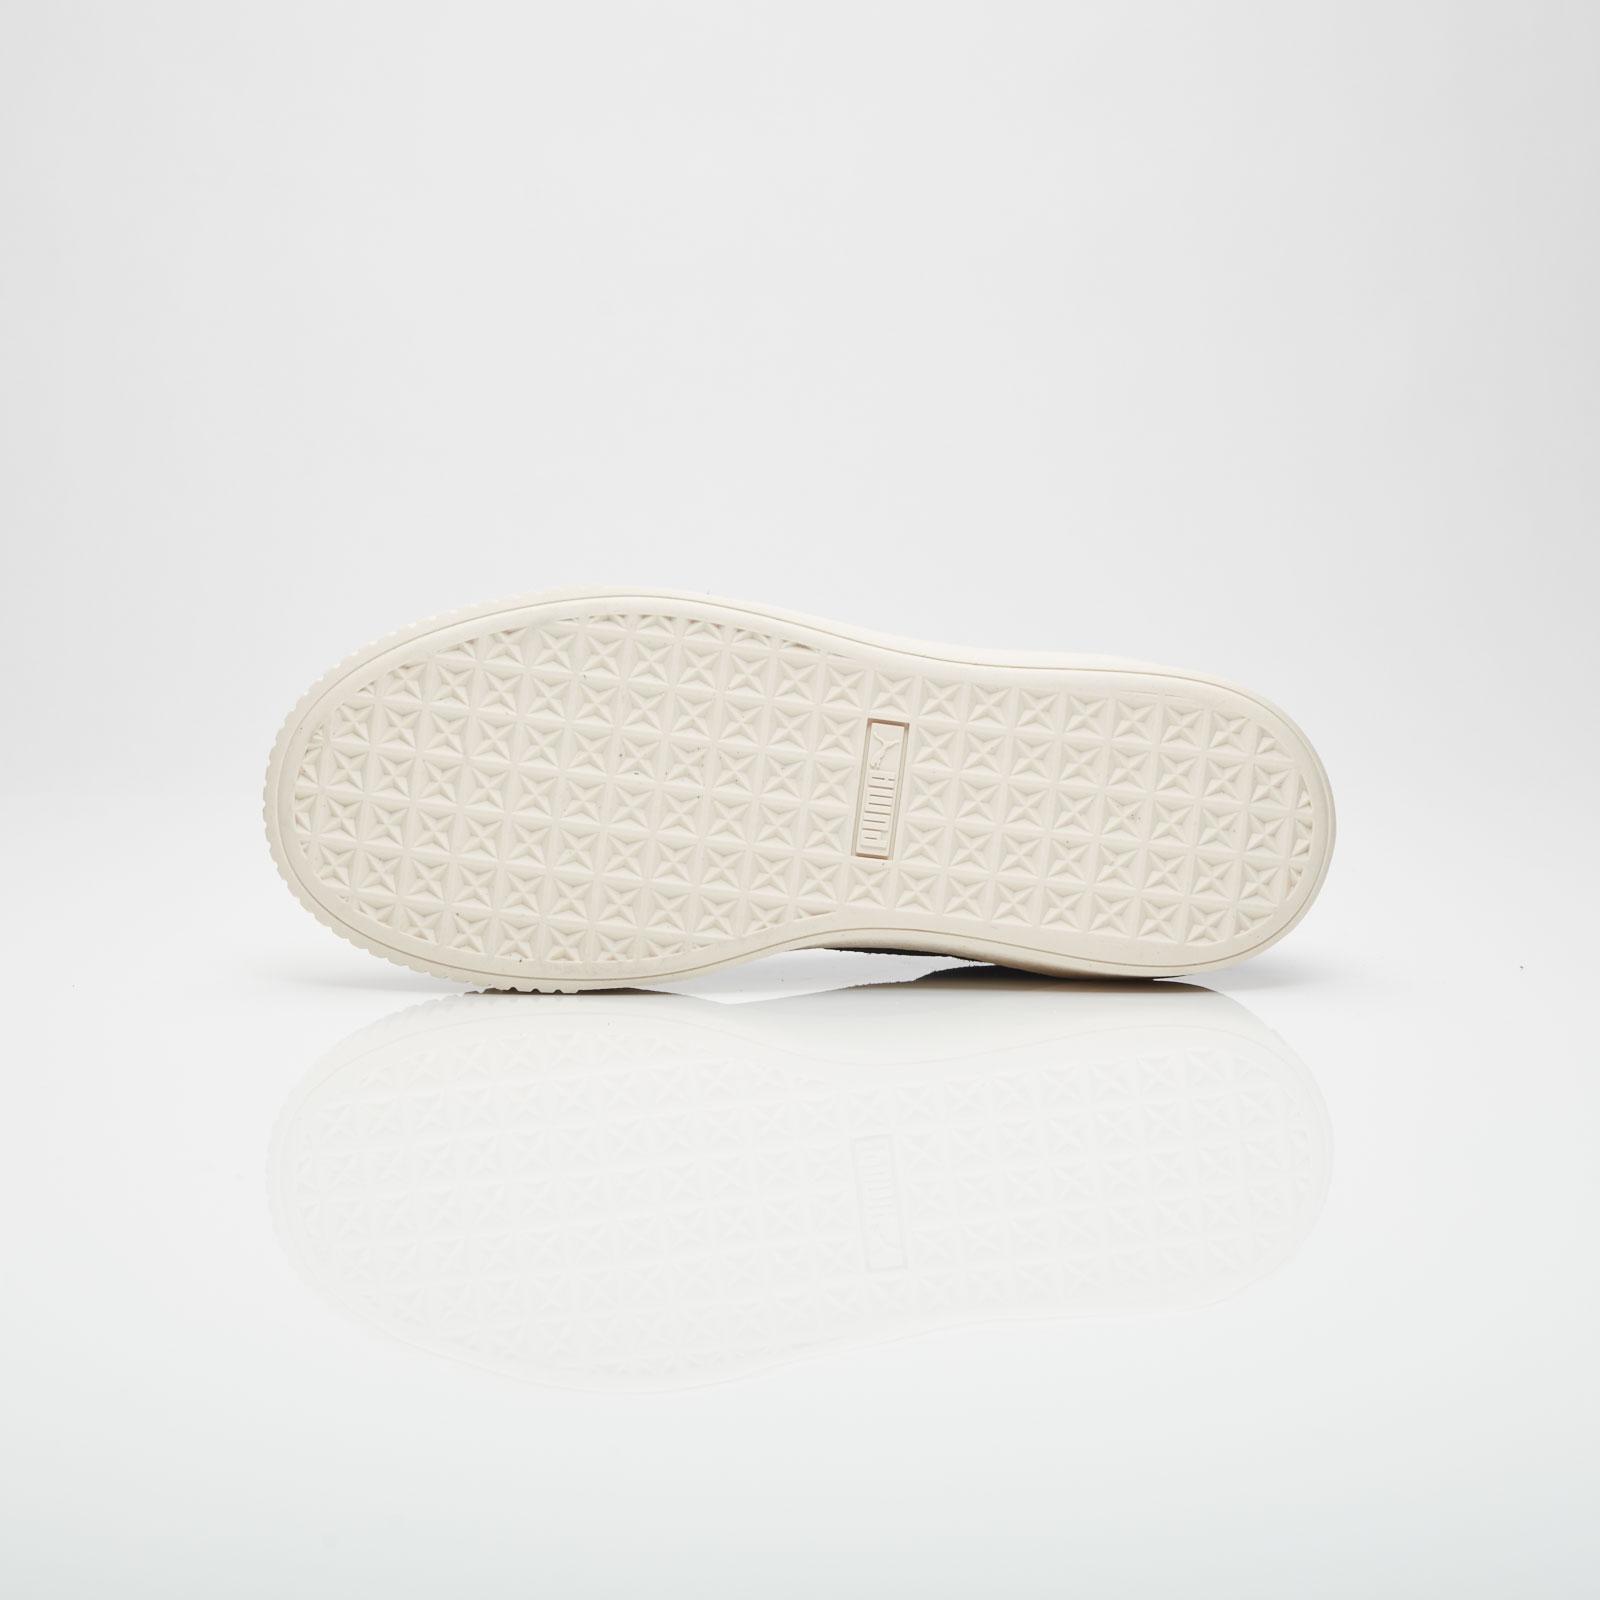 Puma Suede Platform Satin Wns 365828 05 Sneakersnstuff